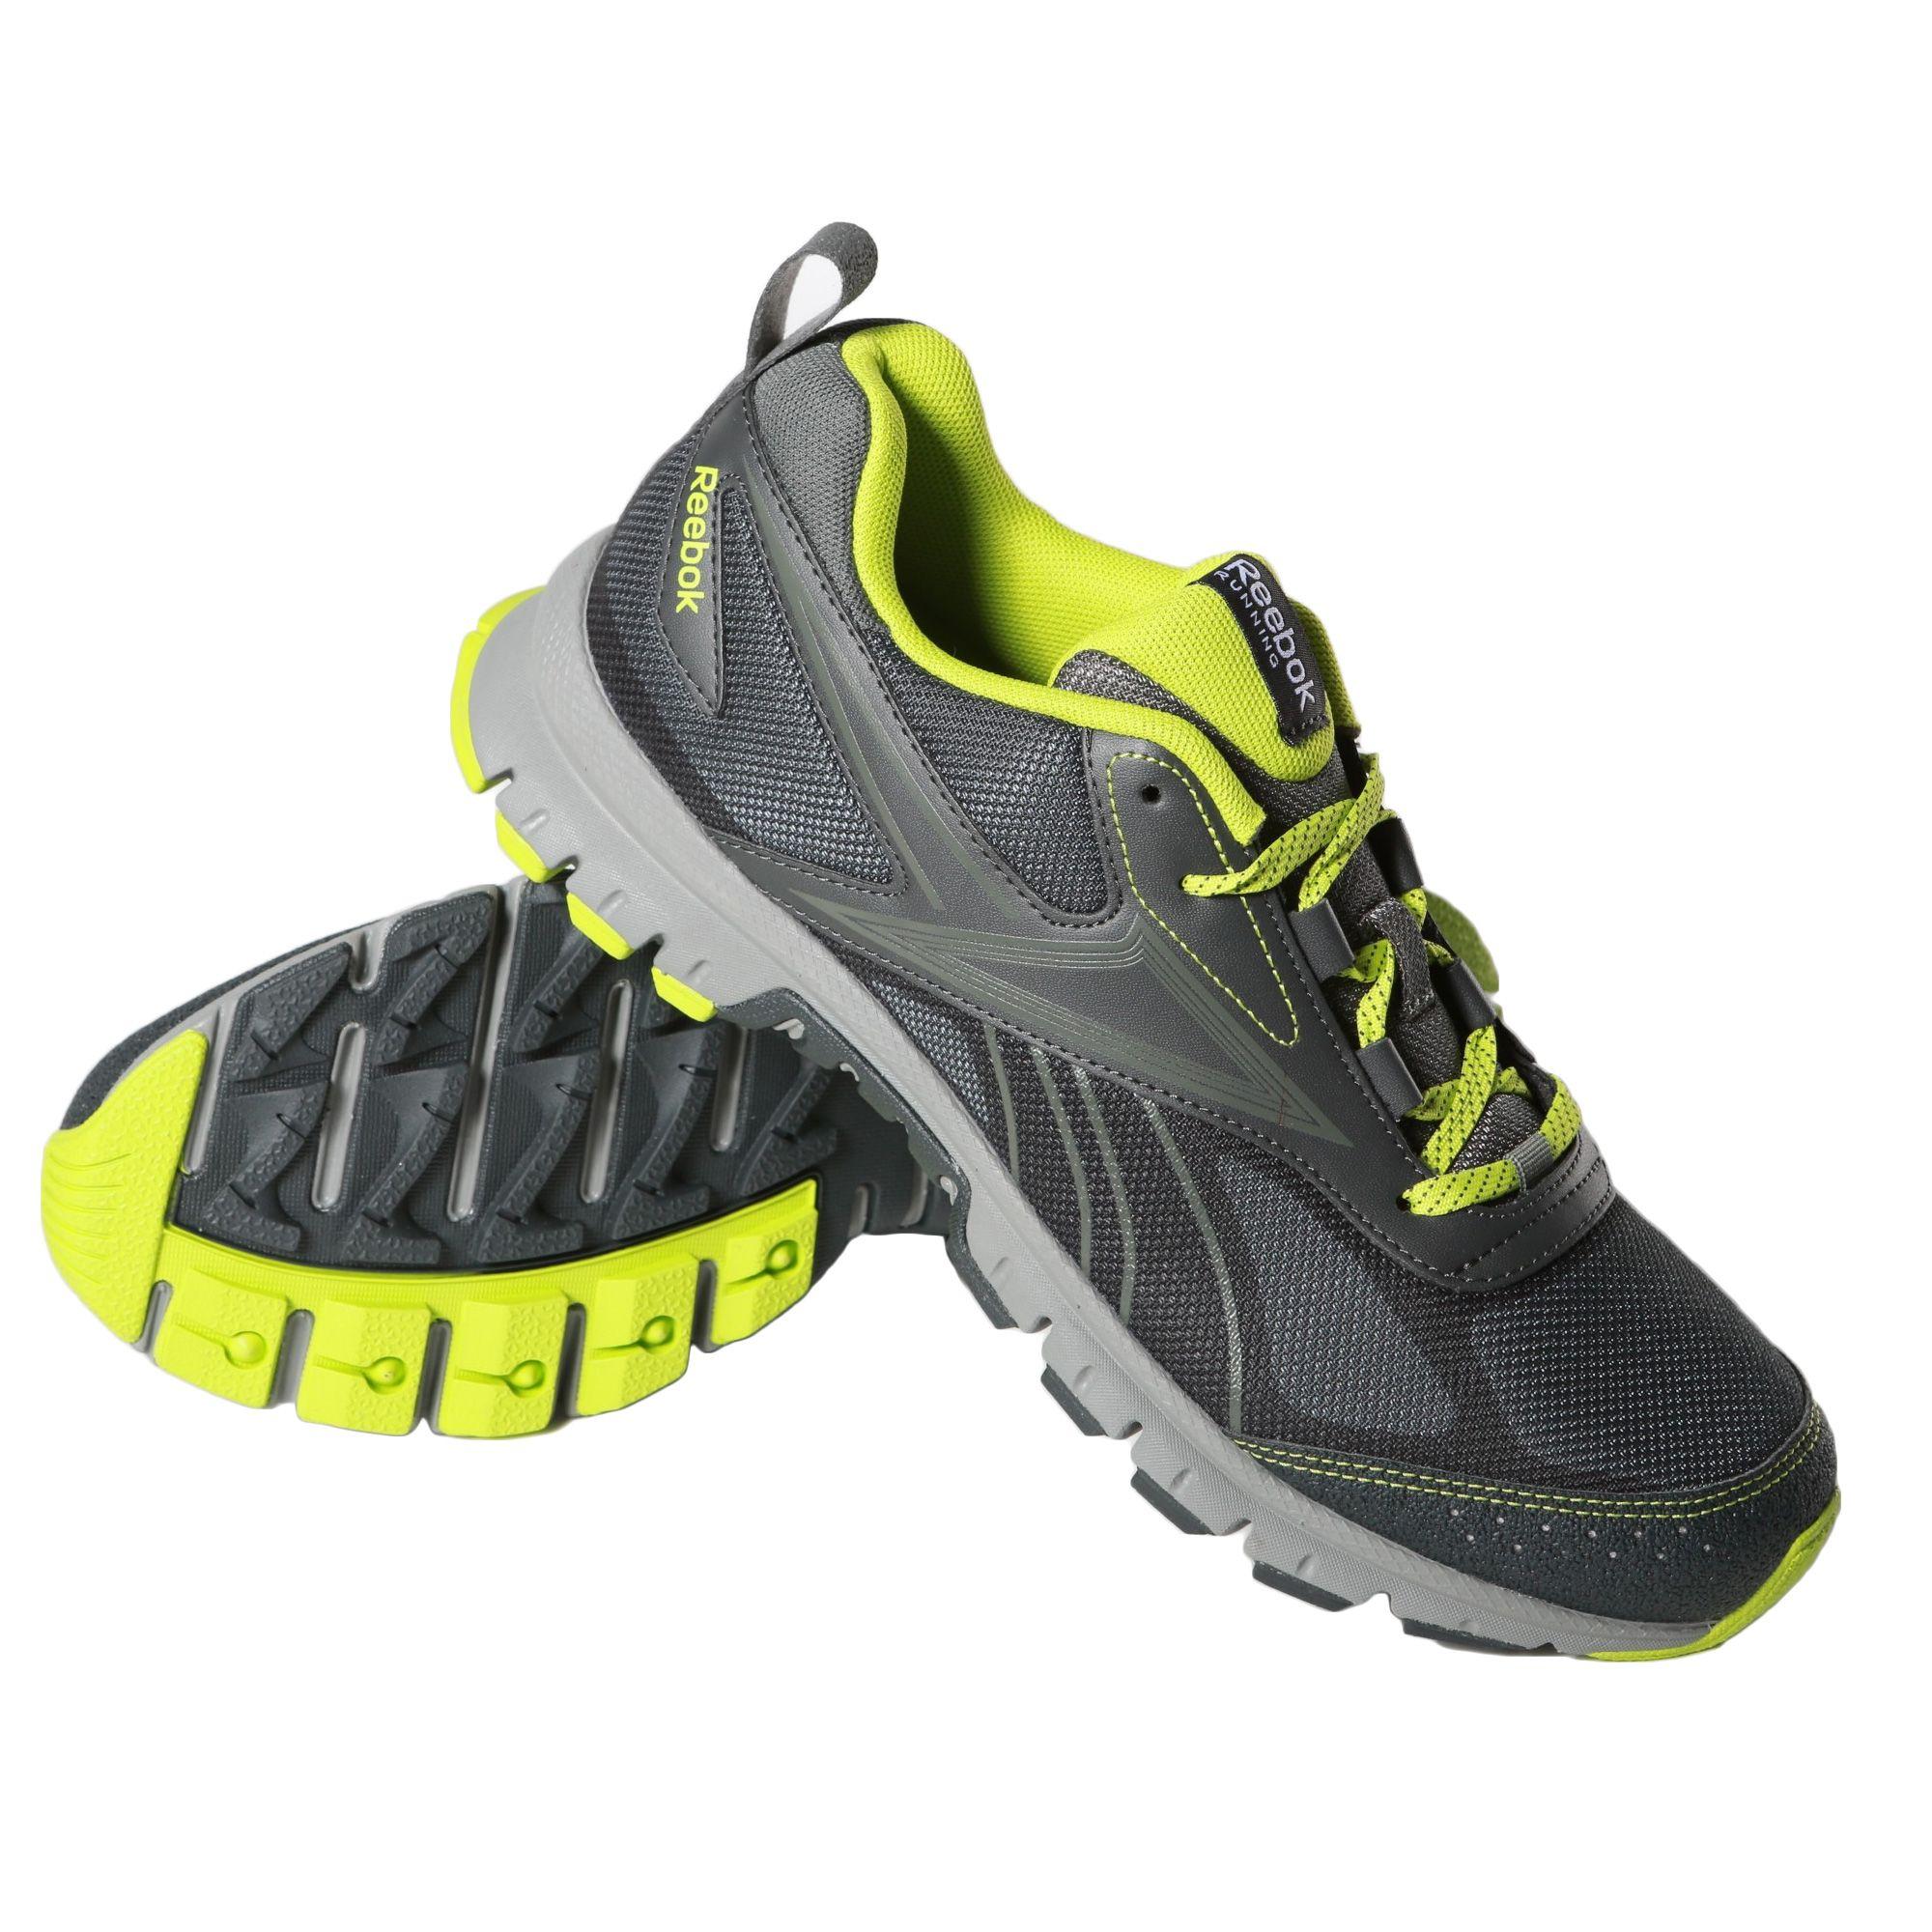 Buty do biegania trailowego Reebok taniej o 45%